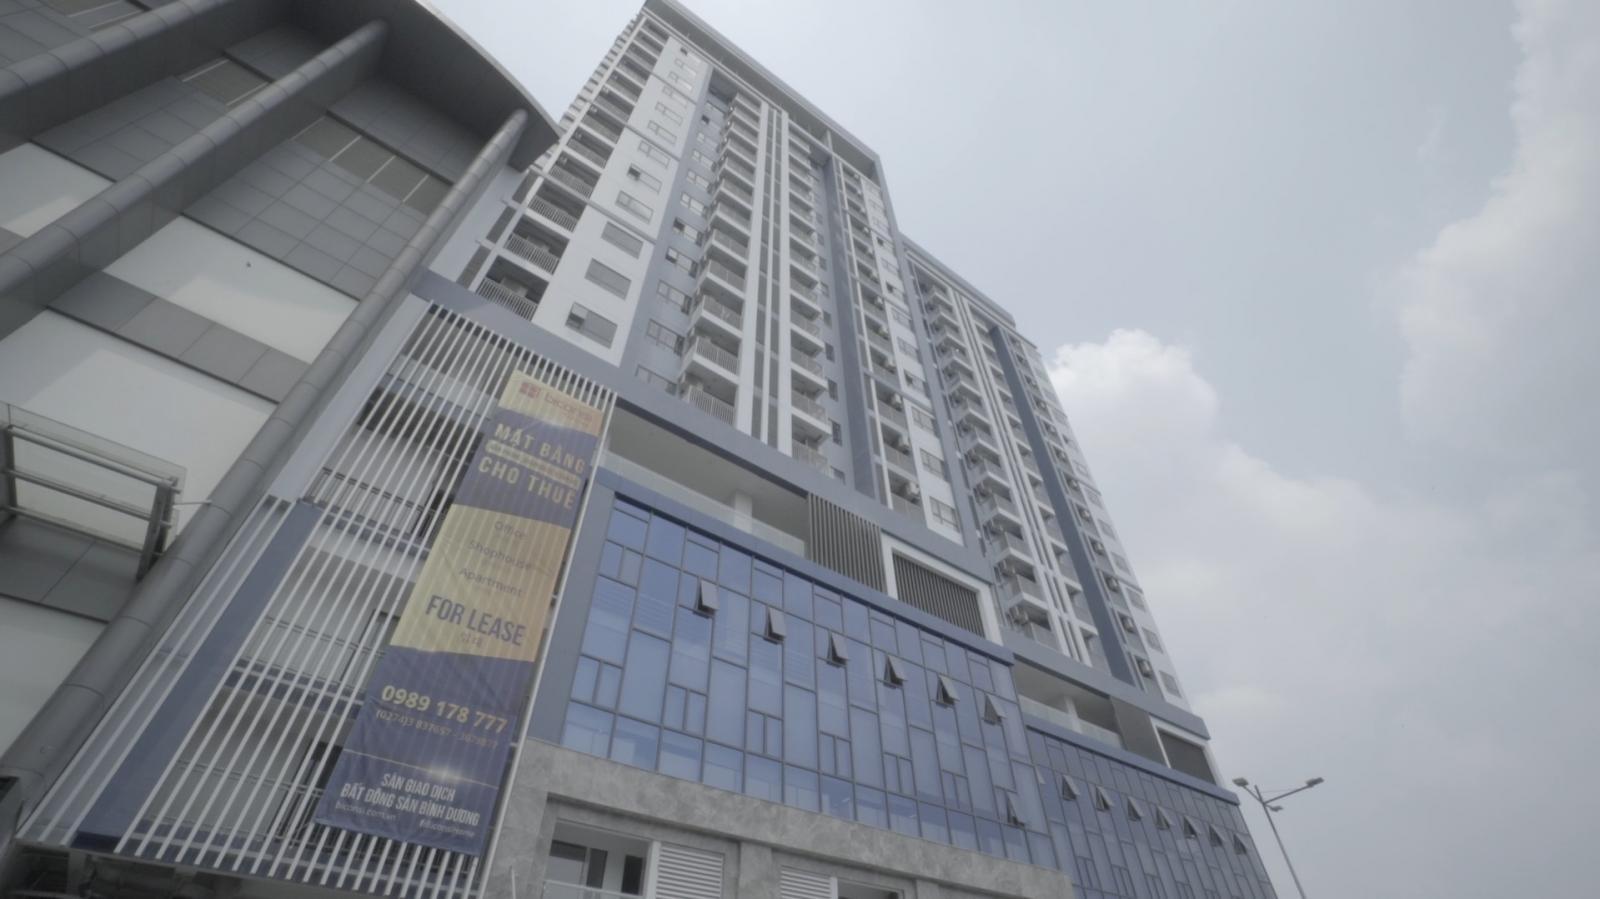 Biconsi Tower nằm trên khu đất hai mặt tiền đường Phú Lợi và Đại Lộ Bình Dương